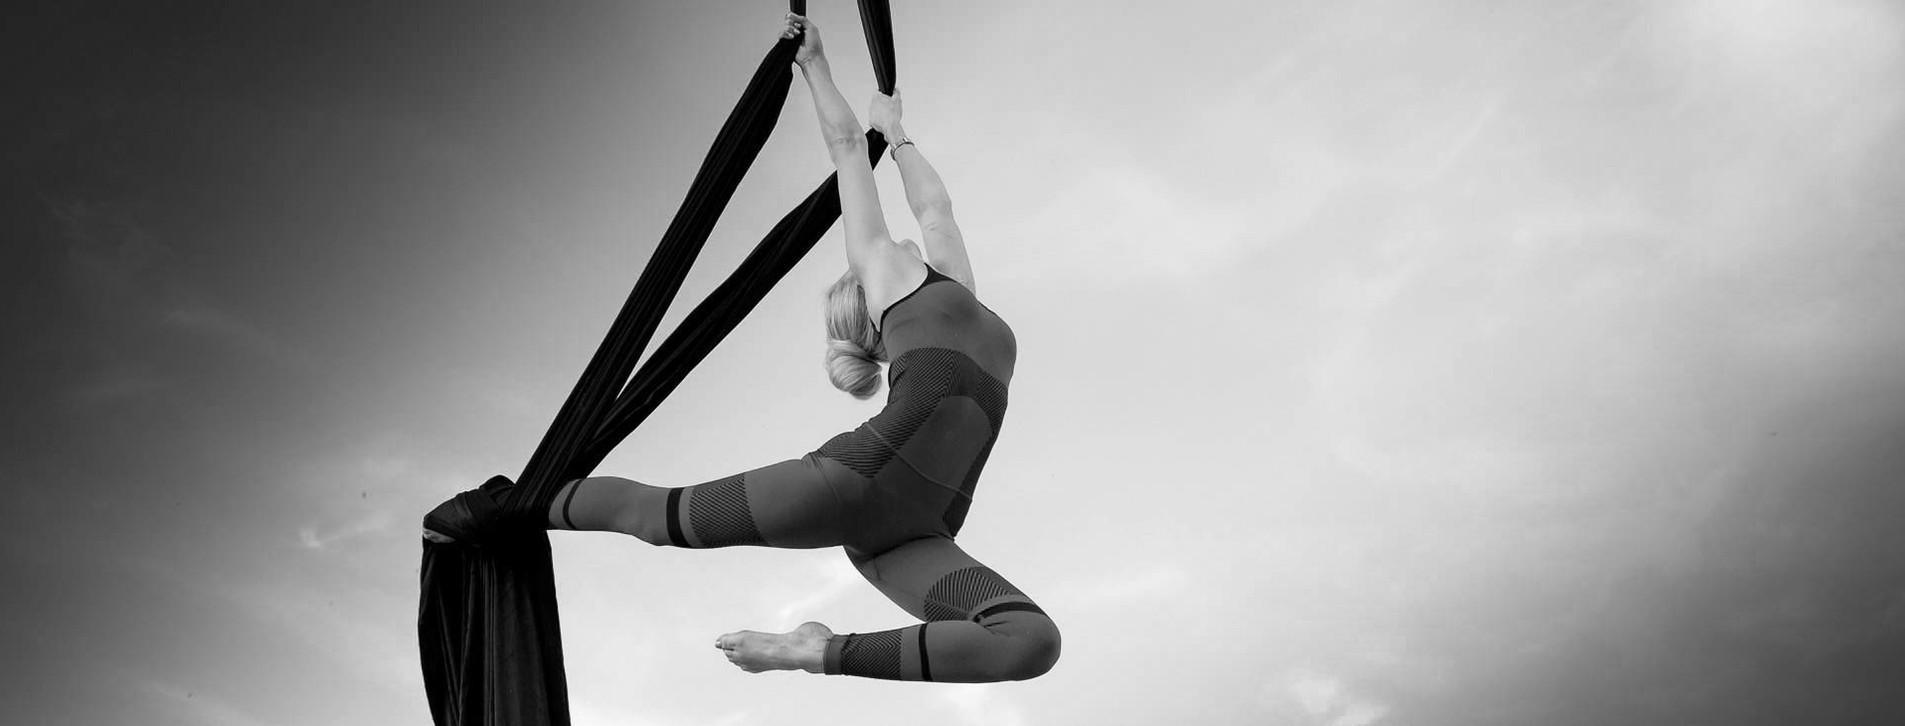 Фото - Повітряна гімнастика на полотнах